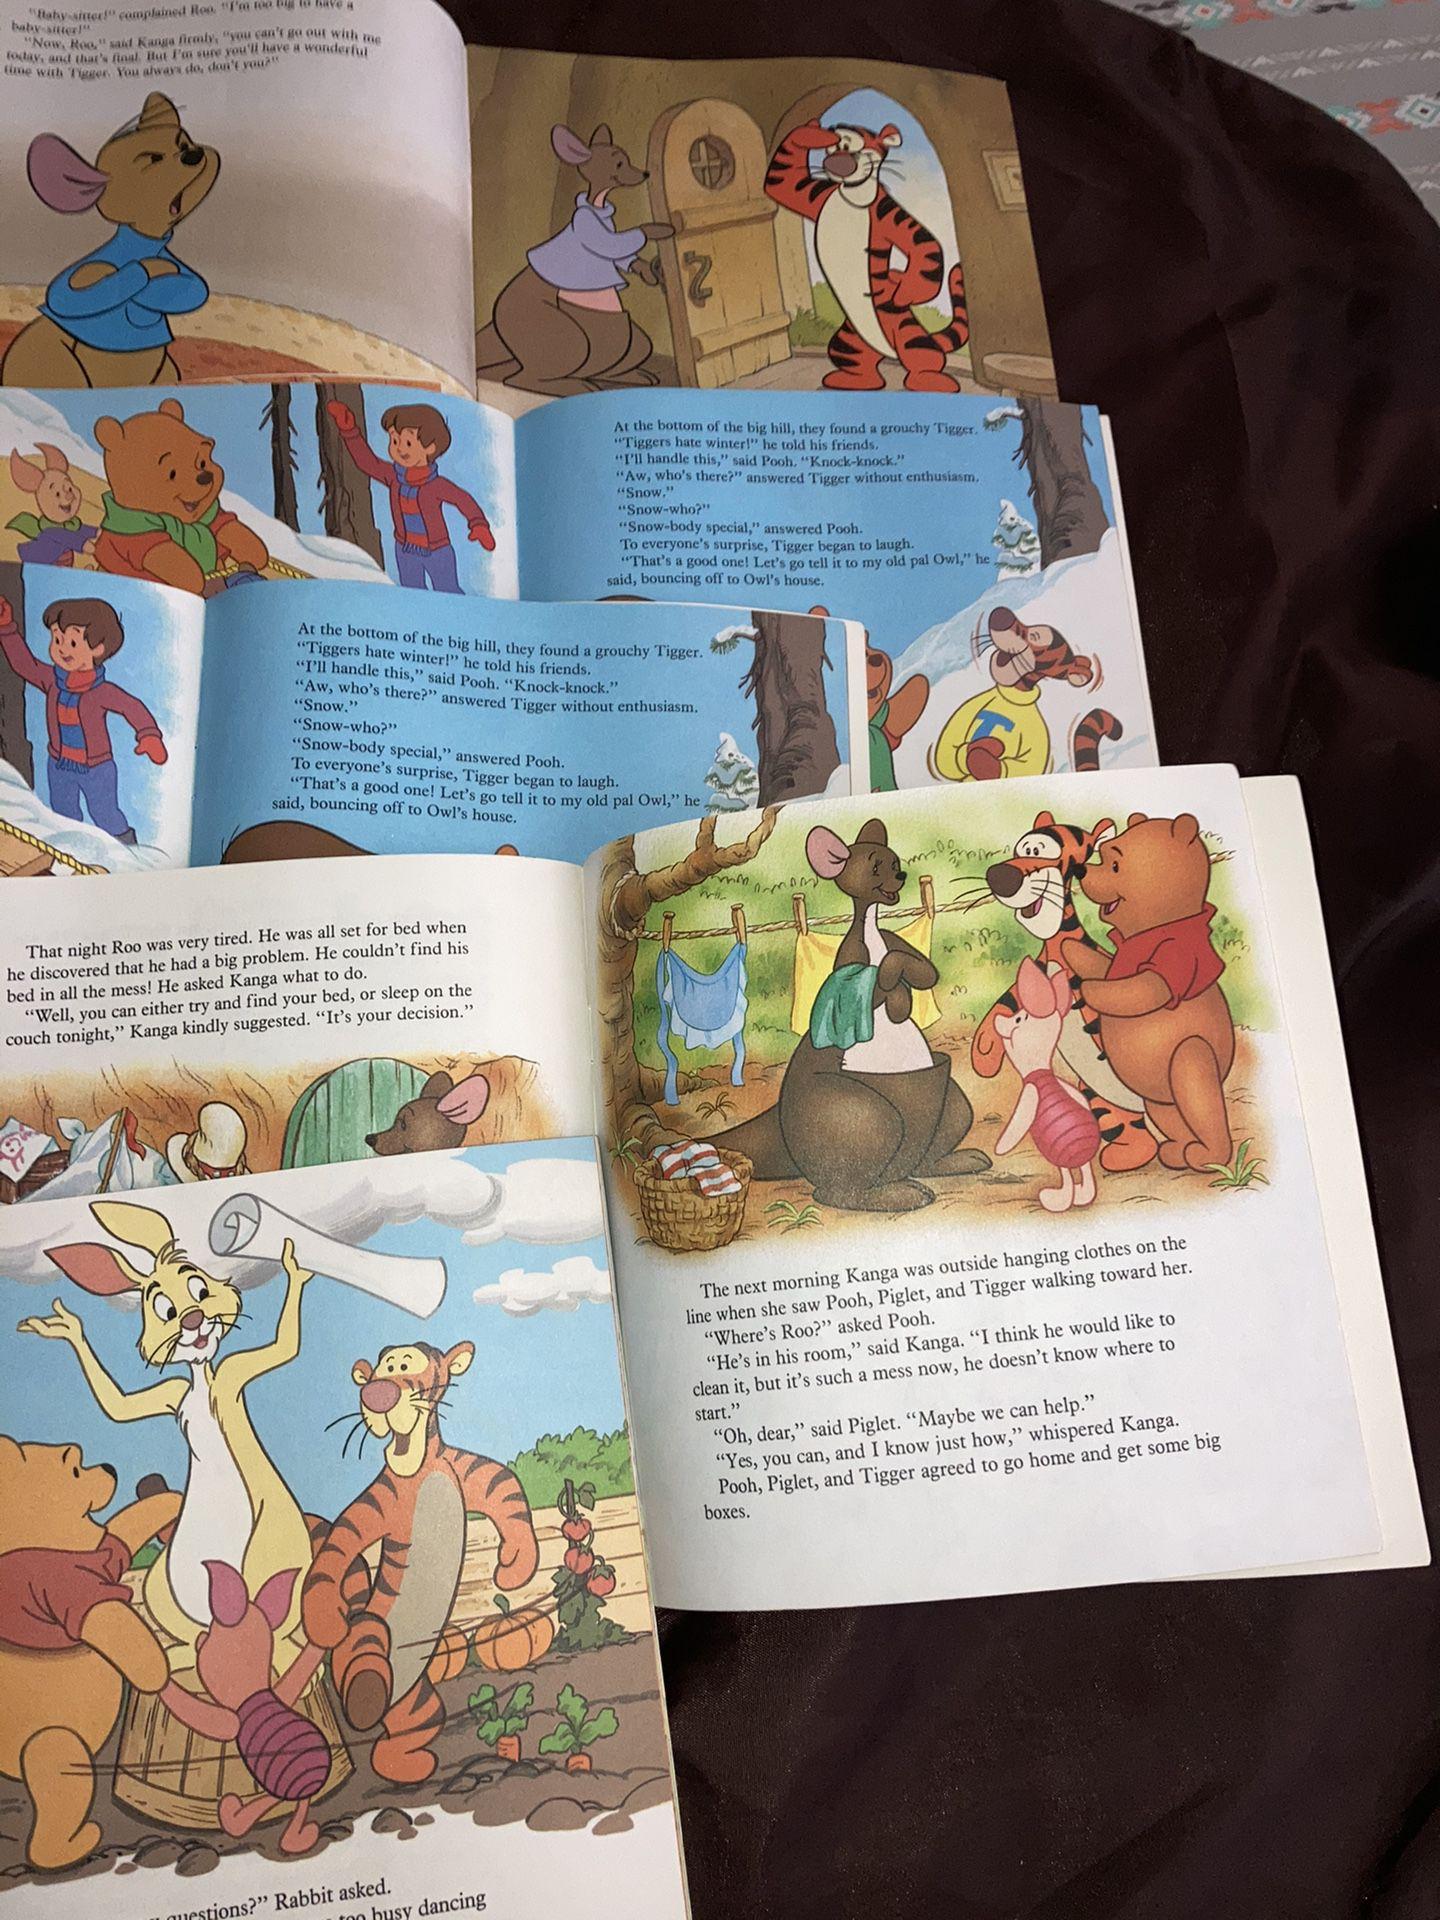 GOLDEN BOOKER Children's books